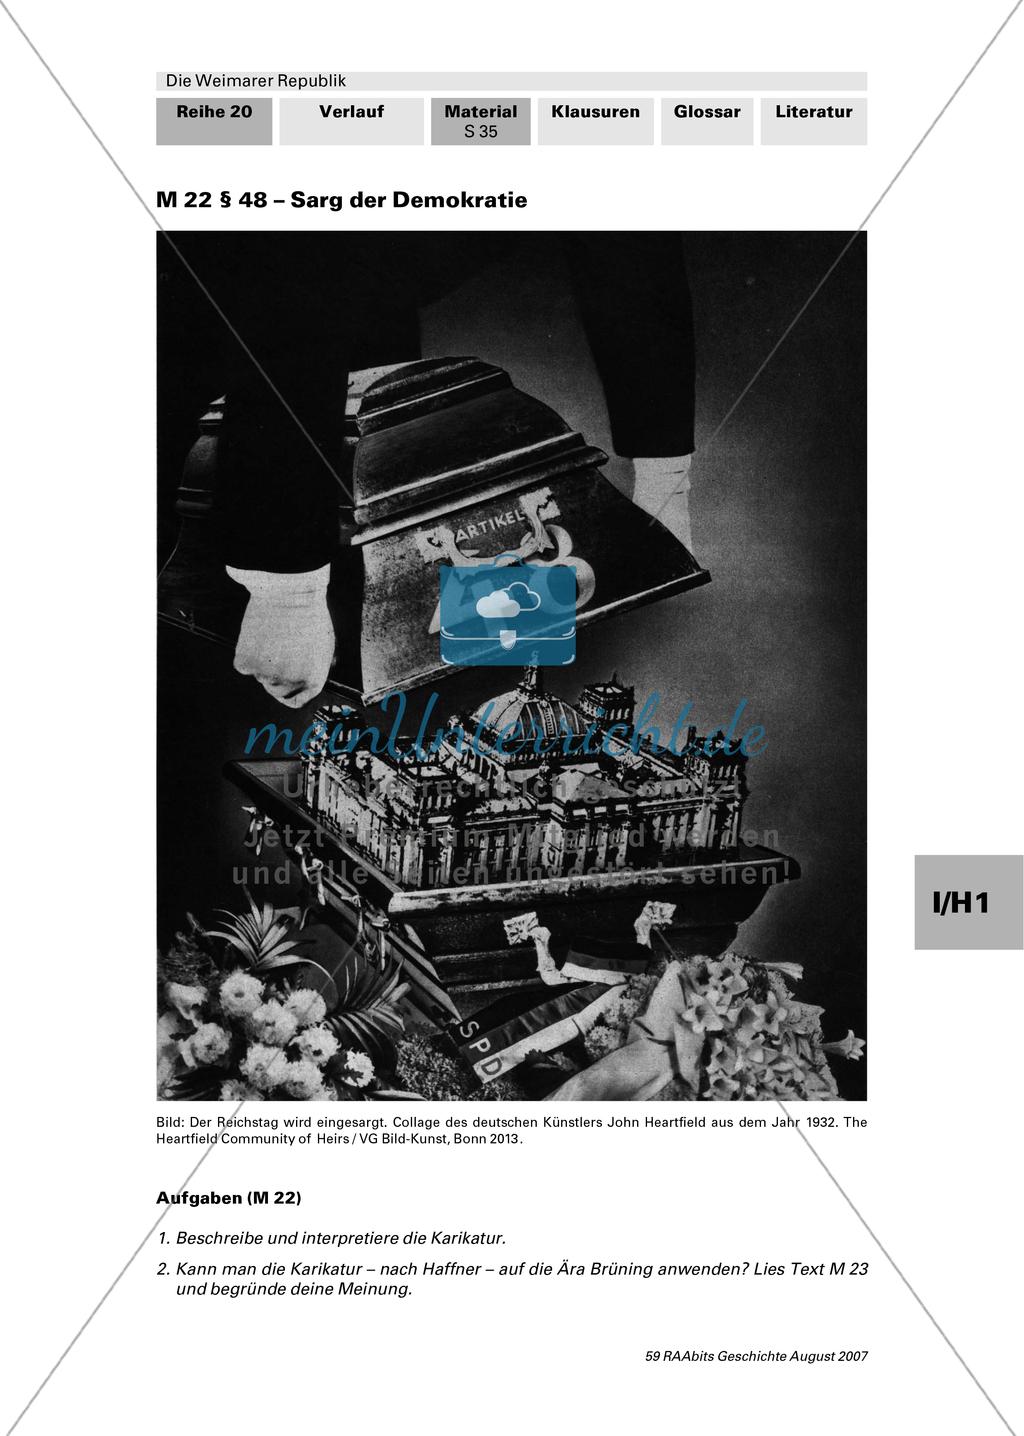 Die Weimarer Republik: Die Präsidialkabinette Preview 1